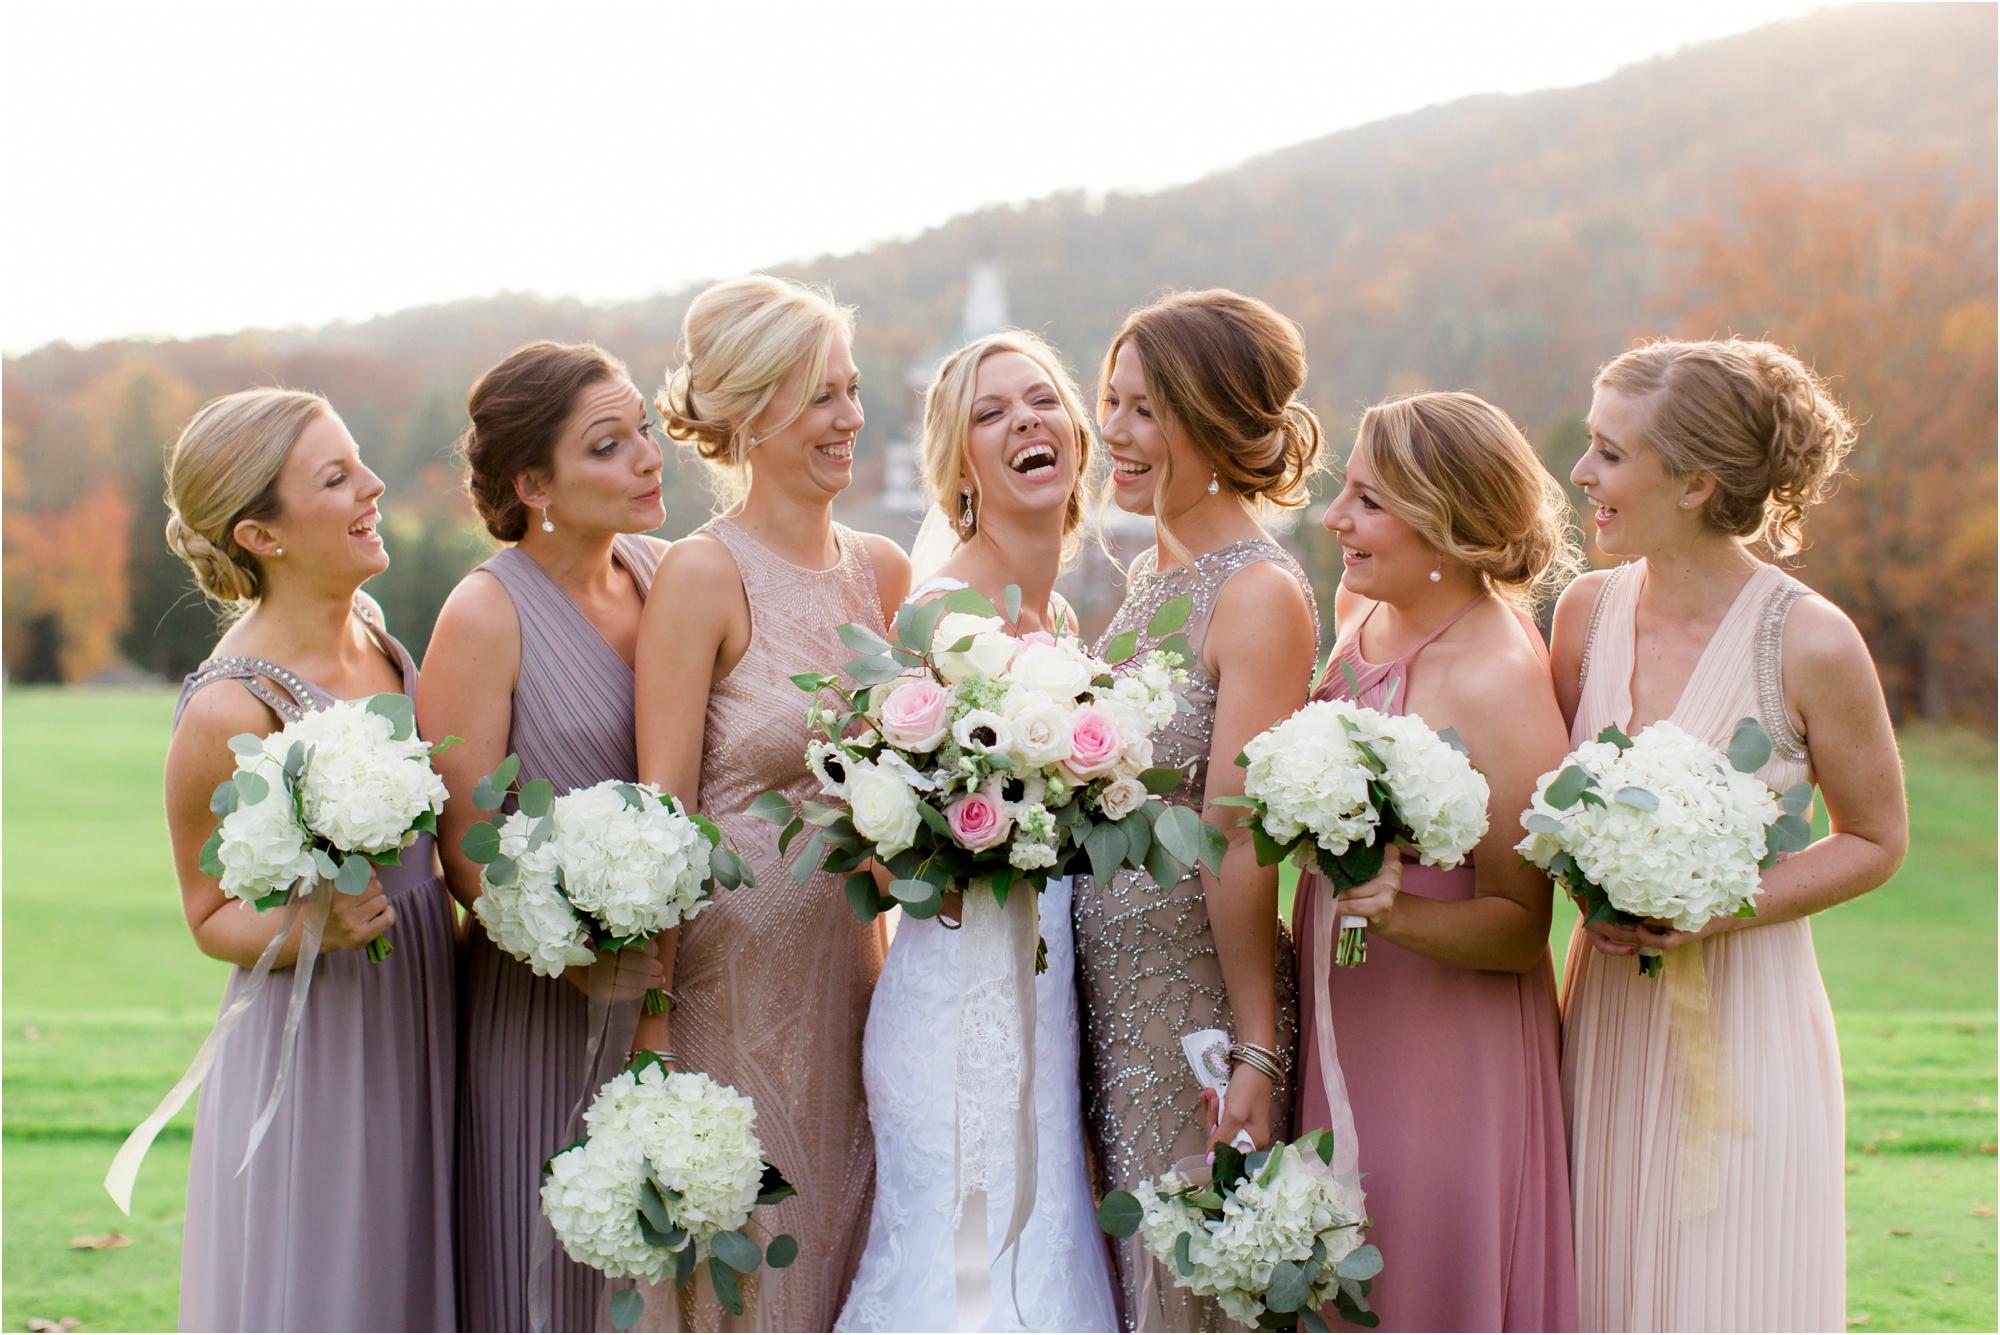 brooke-ilya-fall-virginia-omni-homestead-resort-wedding-photos_0041.jpg